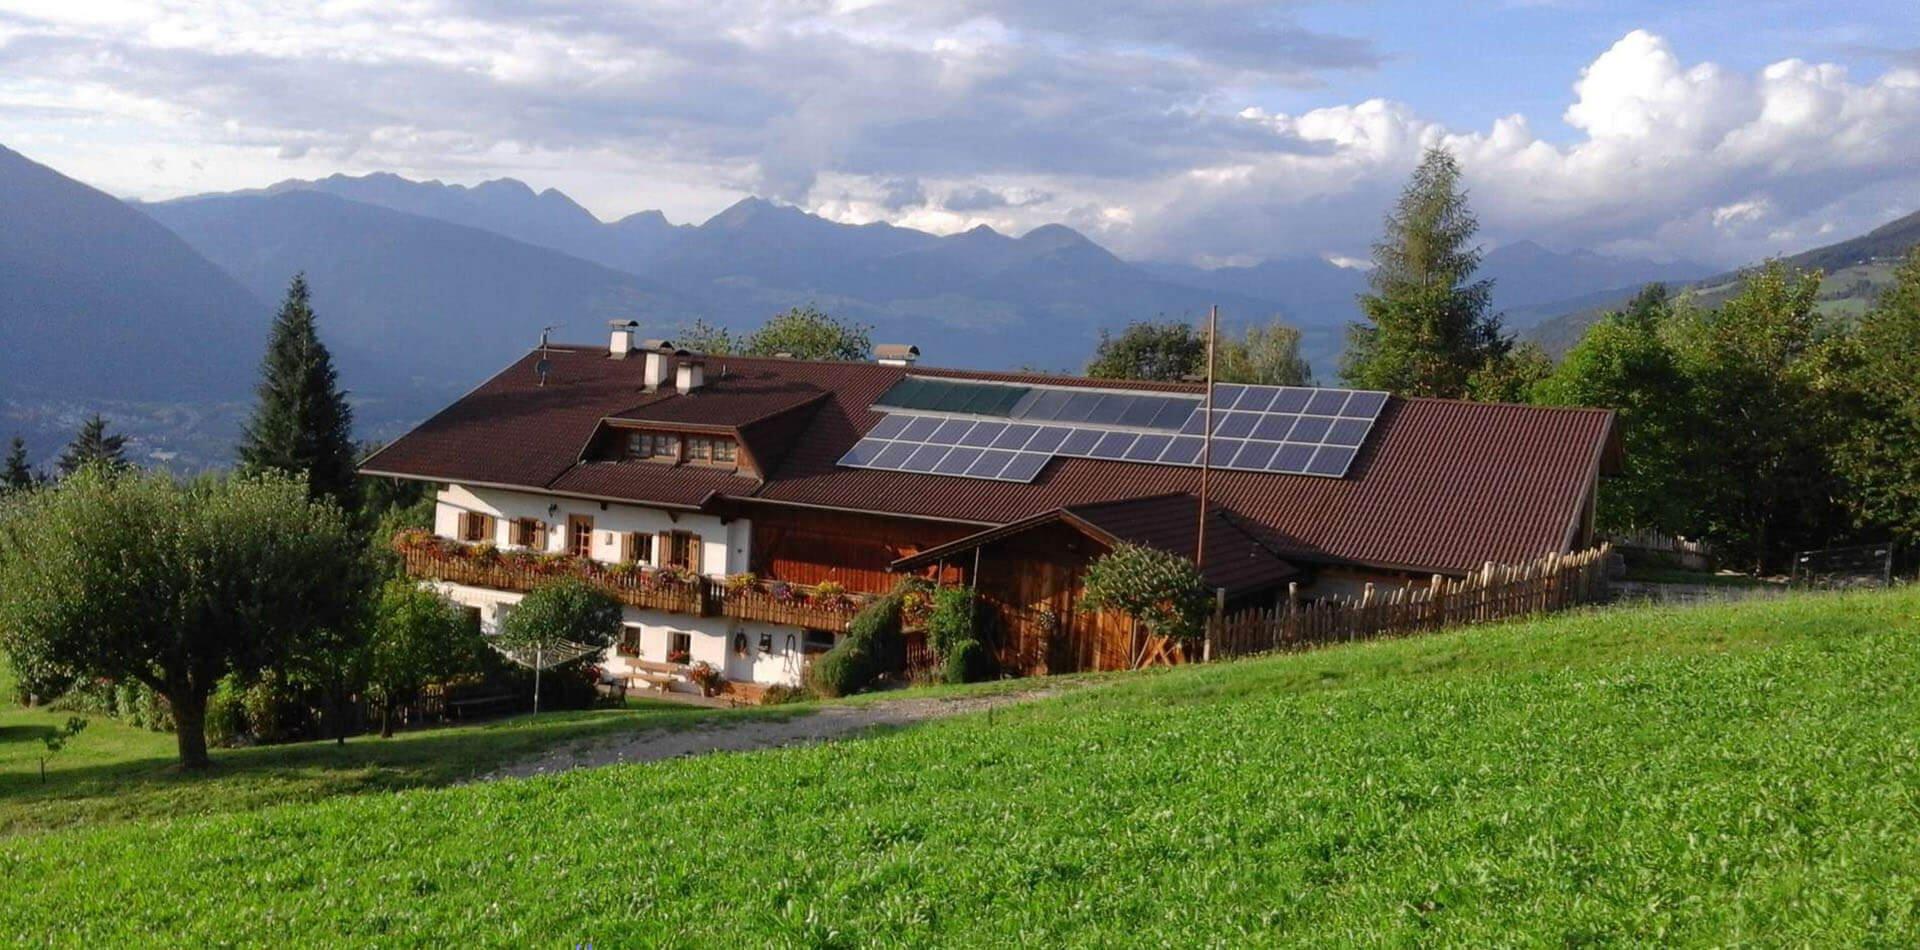 Staudacherhof - Unvergesslicher Bauernhofurlaub in Südtirol